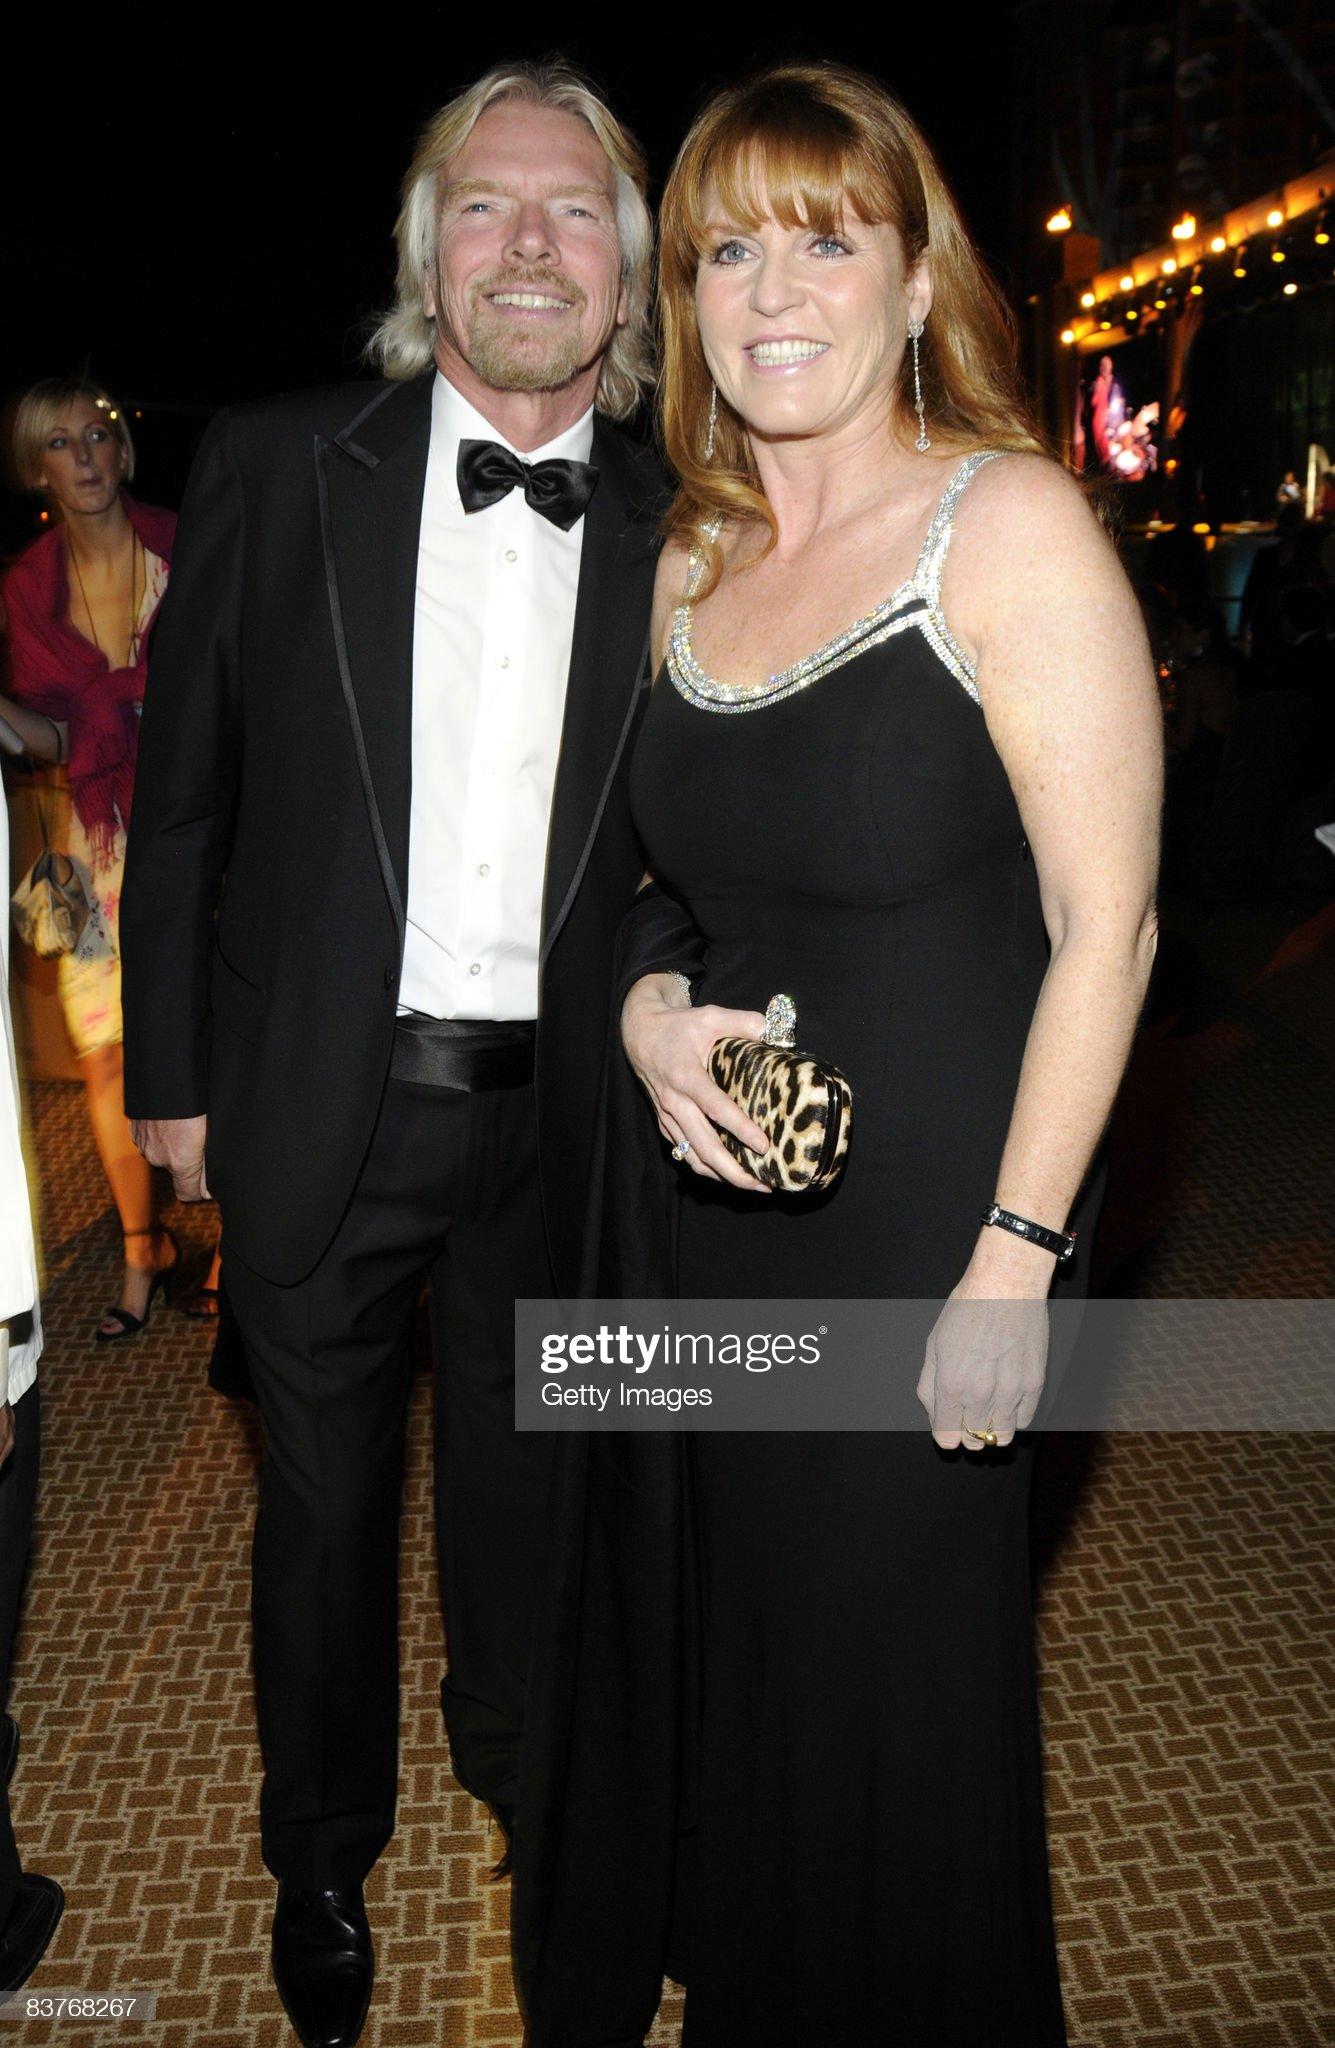 Вечерние наряды Отем пока еще Филлипс и Сары Йоркской Dinner - Grand Opening of Atlantis, The Palm : News Photo